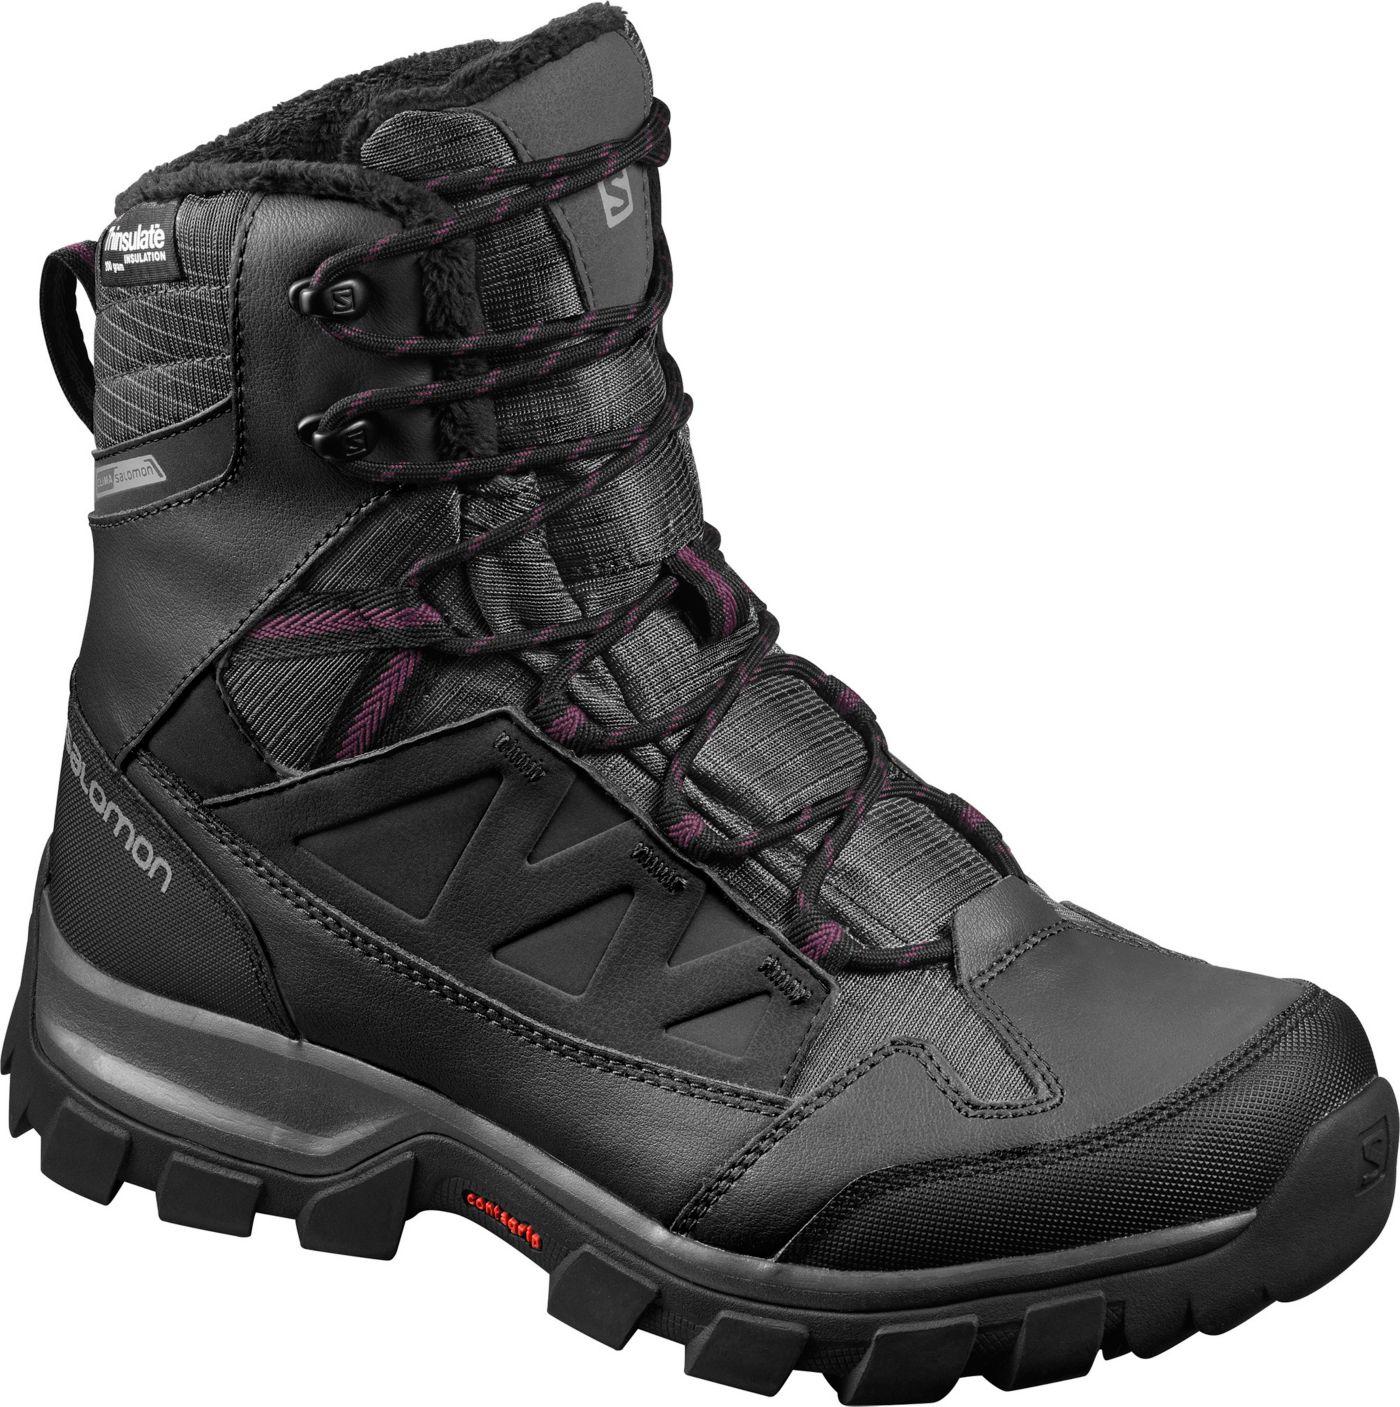 Salomon Women's Chalten 200g Waterproof Winter Boots